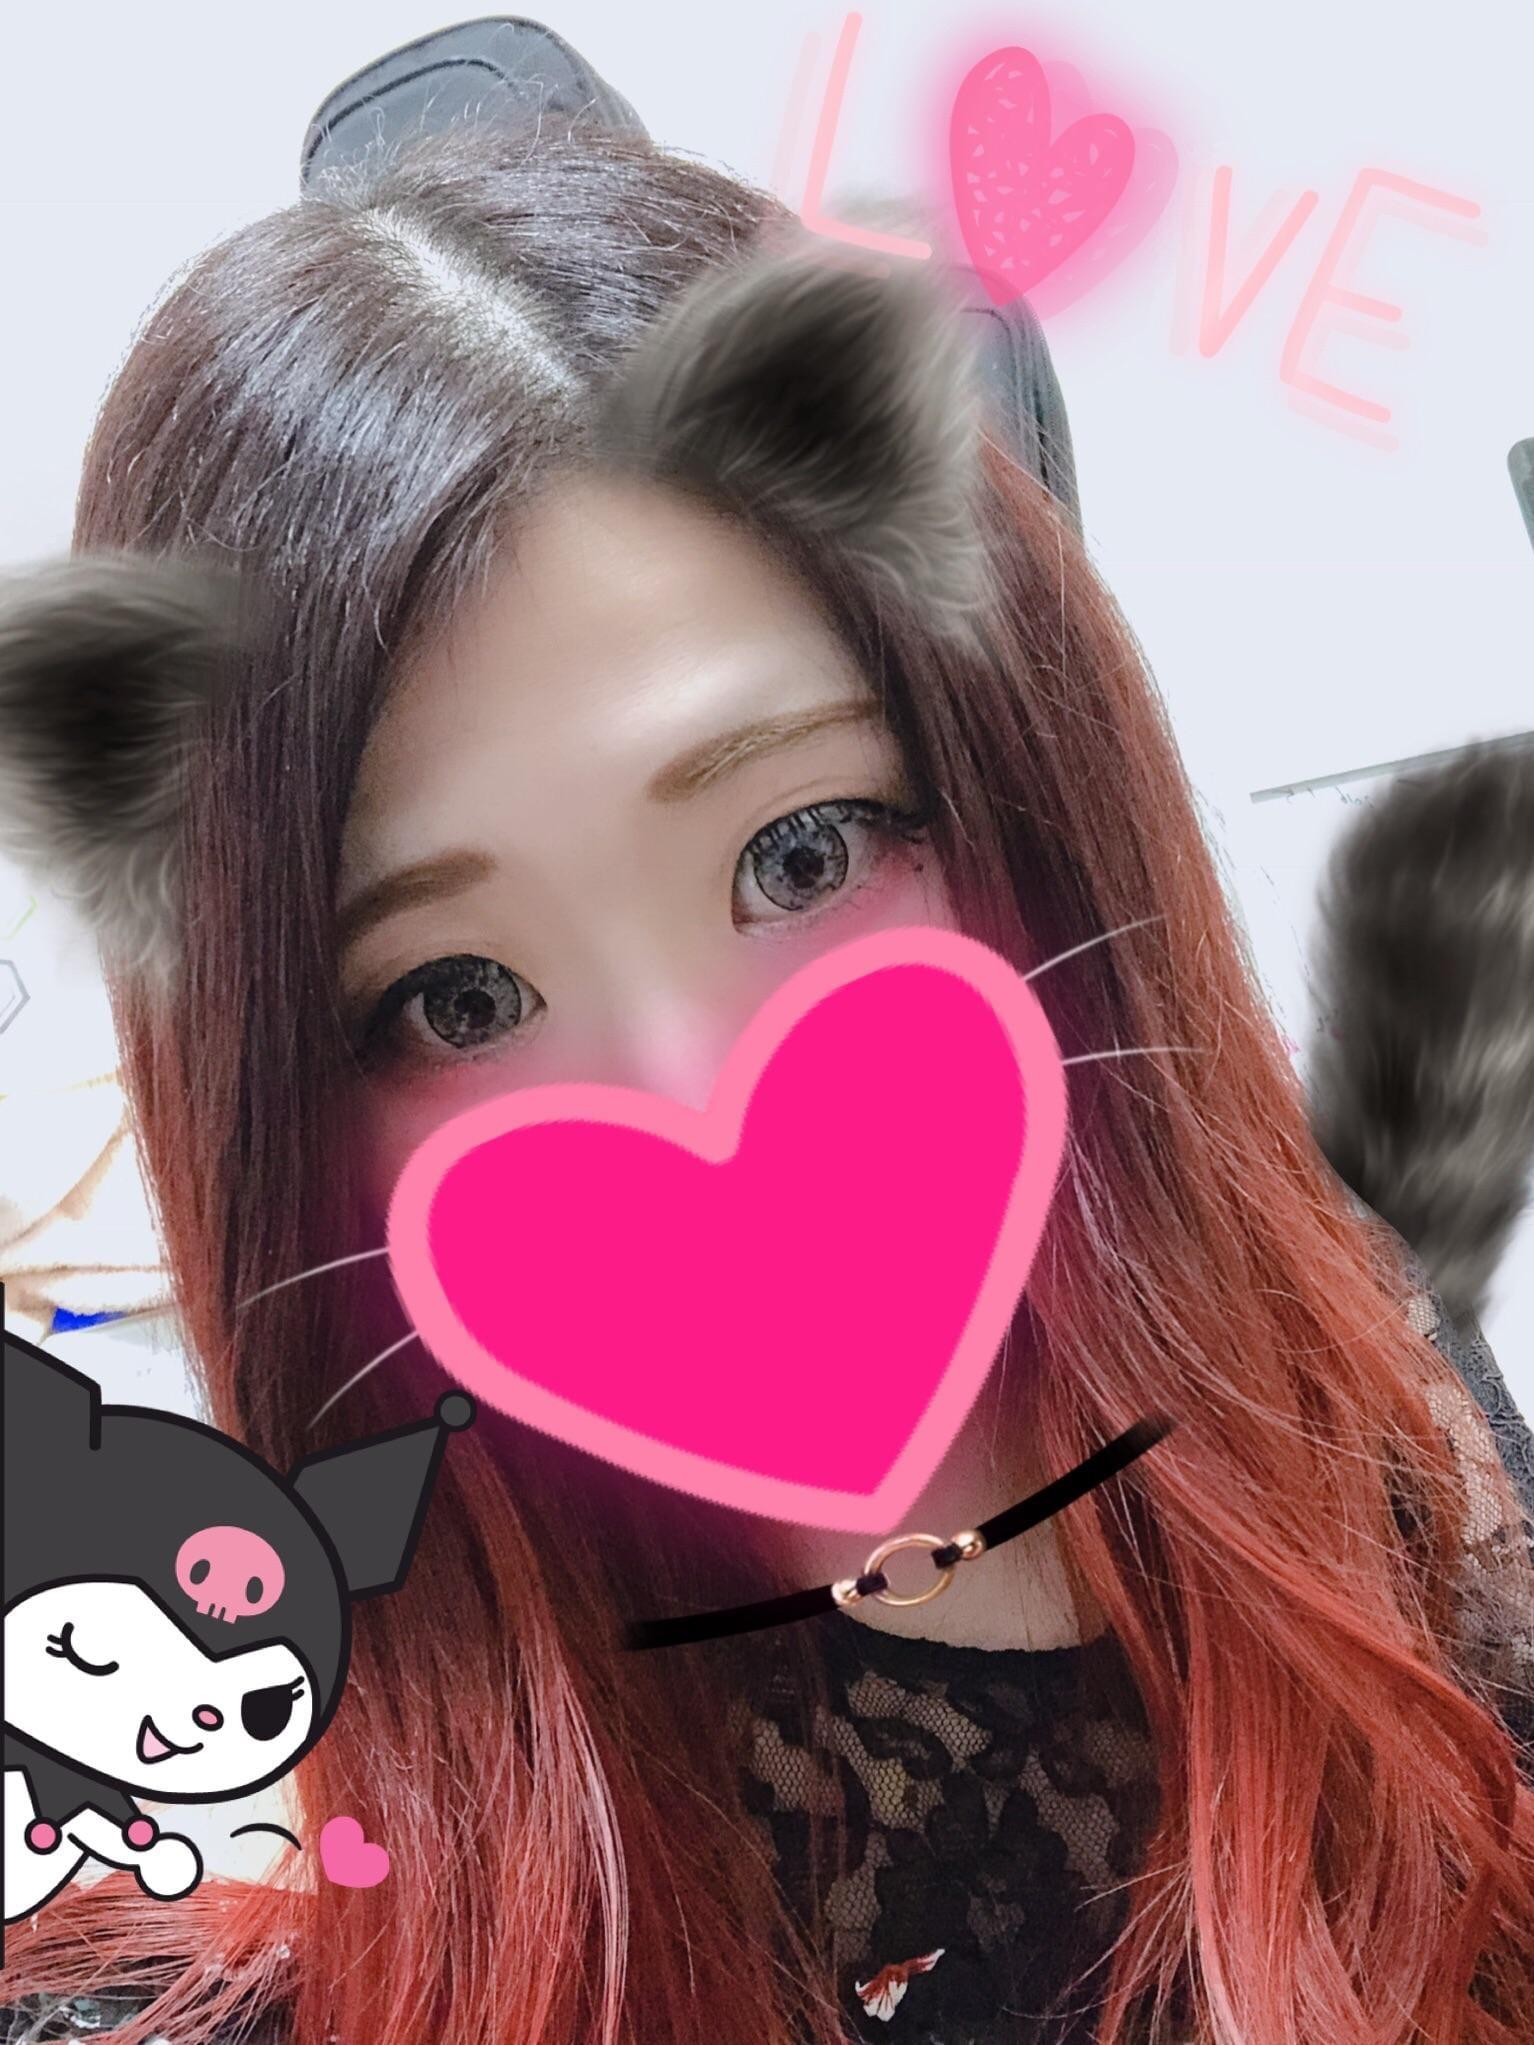 「にゃーฅ•ω•ฅ」09/14(09/14) 02:52   白石 レミの写メ・風俗動画